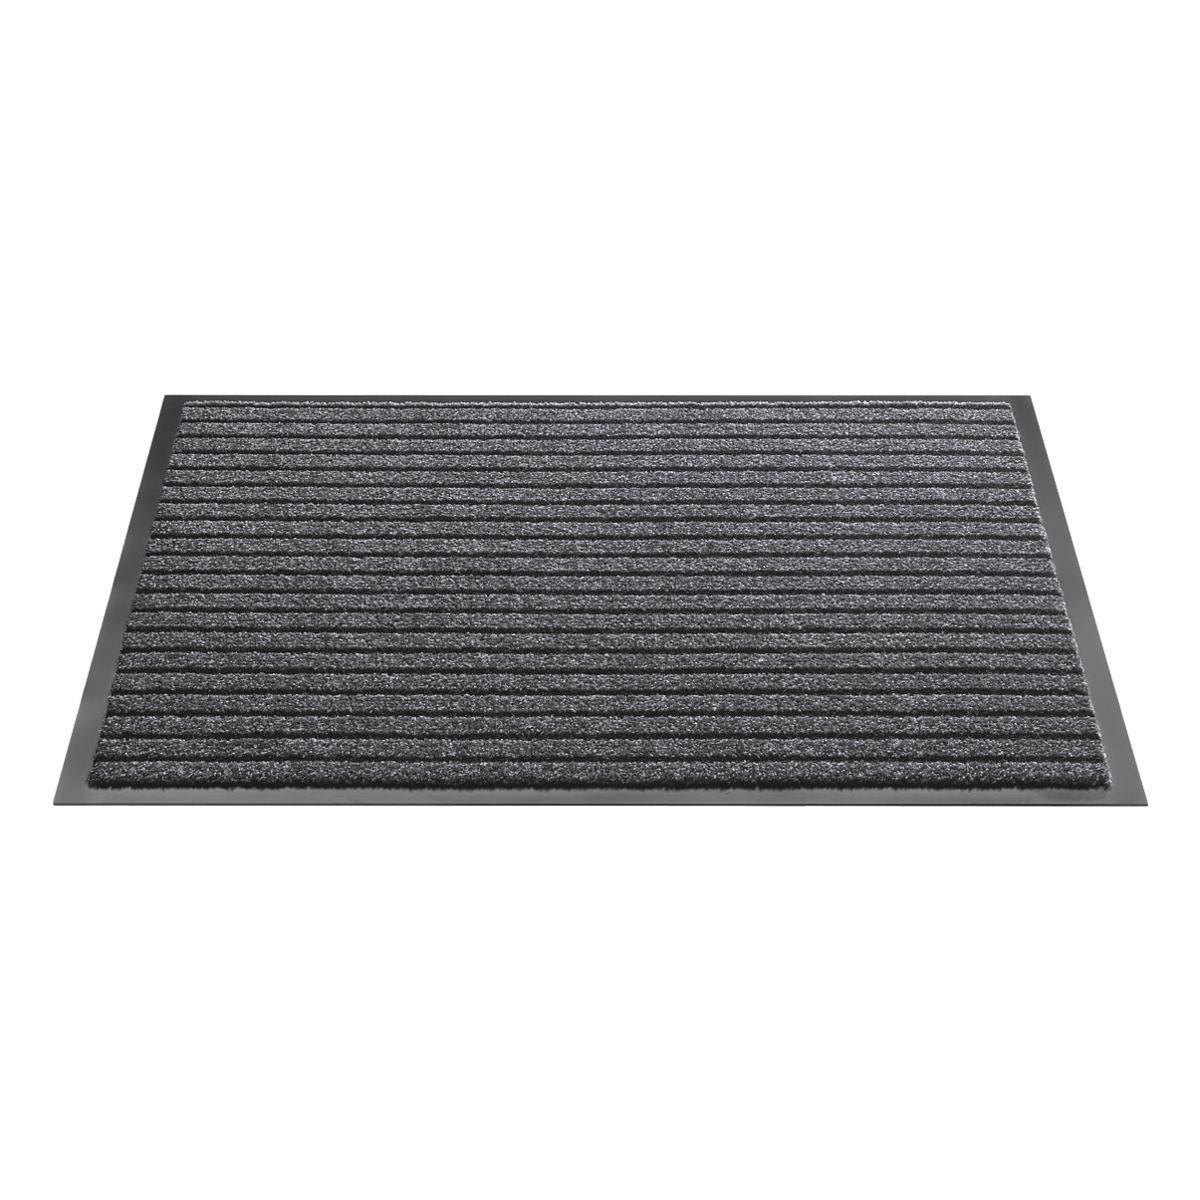 Fußmatte 60x80 cm »Timeless« | Heimtextilien > Fussmatten | KEINE MARKE